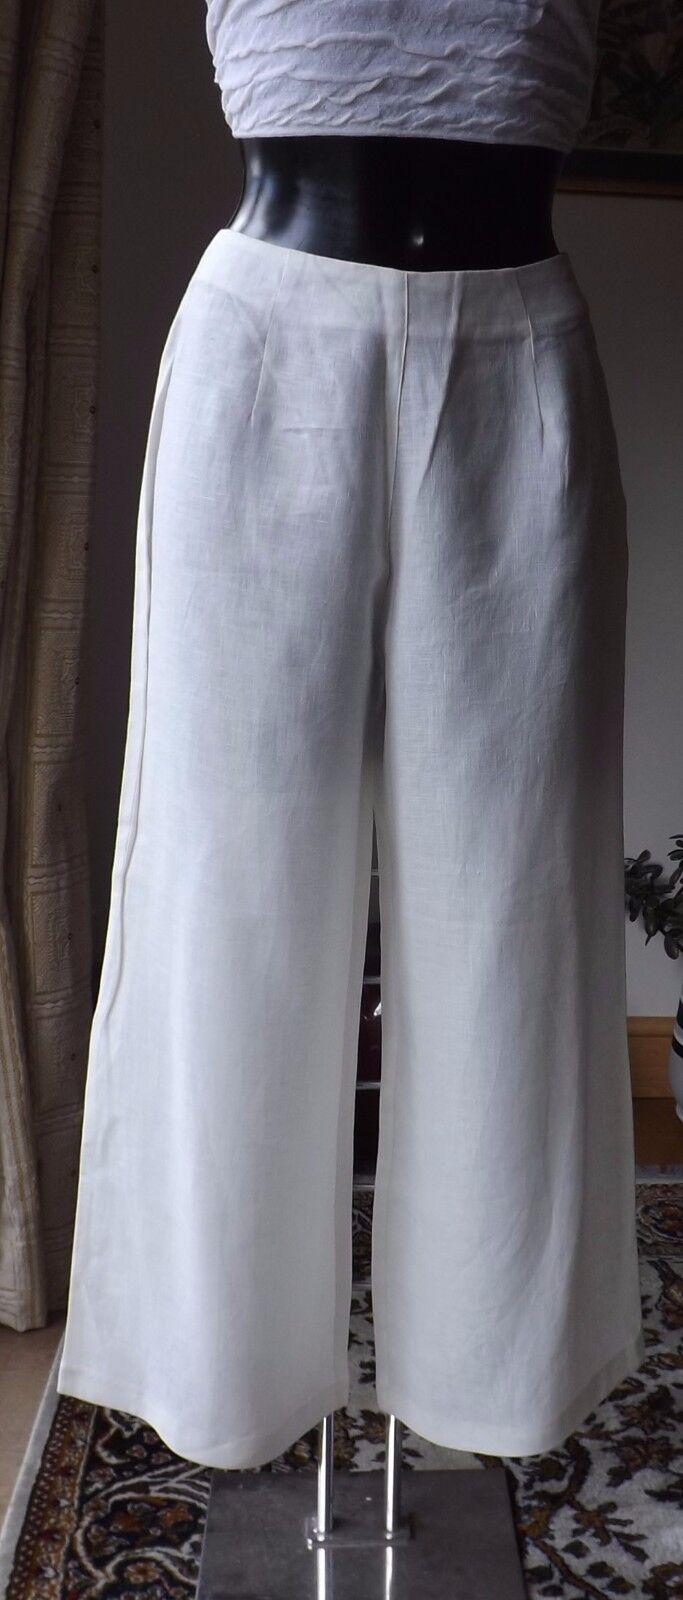 Women wear Sarah Pacini high waist 100% Linen Ivory size3 trousers7163 BNWT